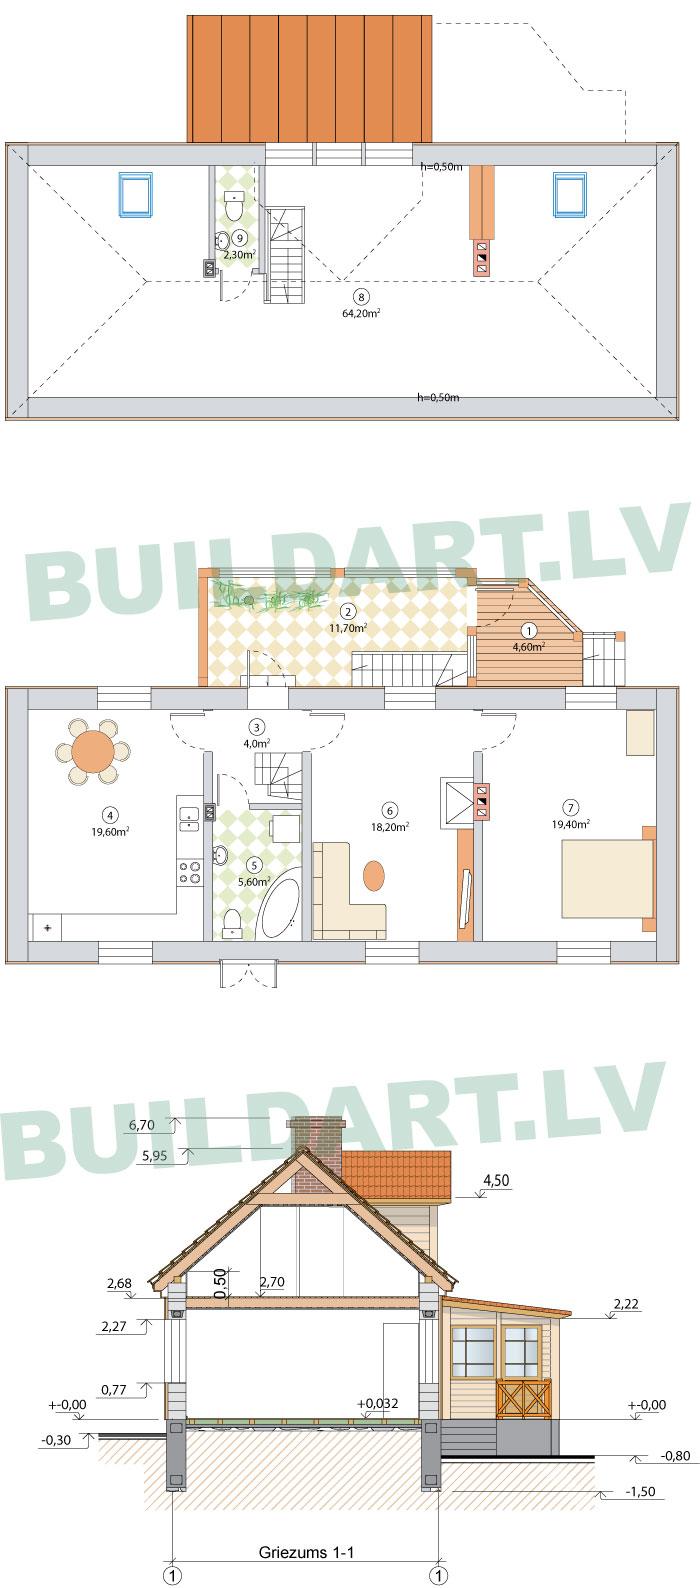 Rekonstrukcijas projekts, ēkas plāni un griezums